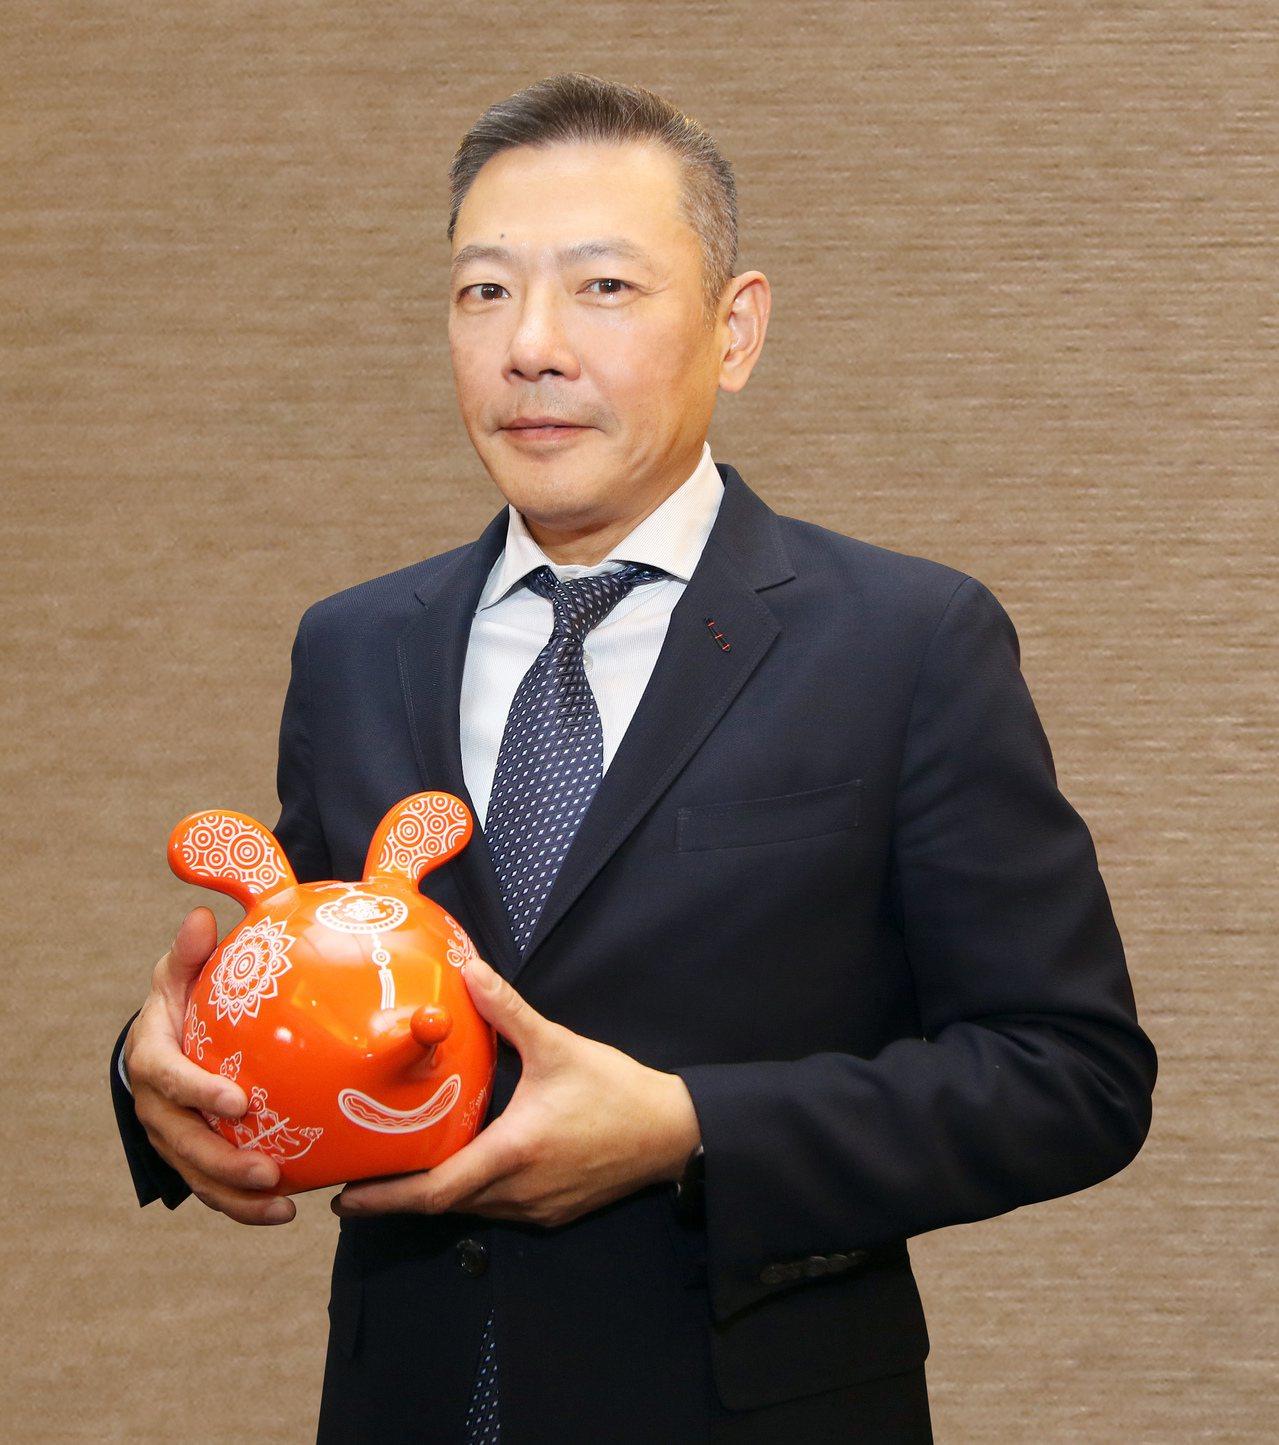 新光三越總經理吳昕陽期許自己「視野更開闊、心要細一點」。圖/新光三越提供